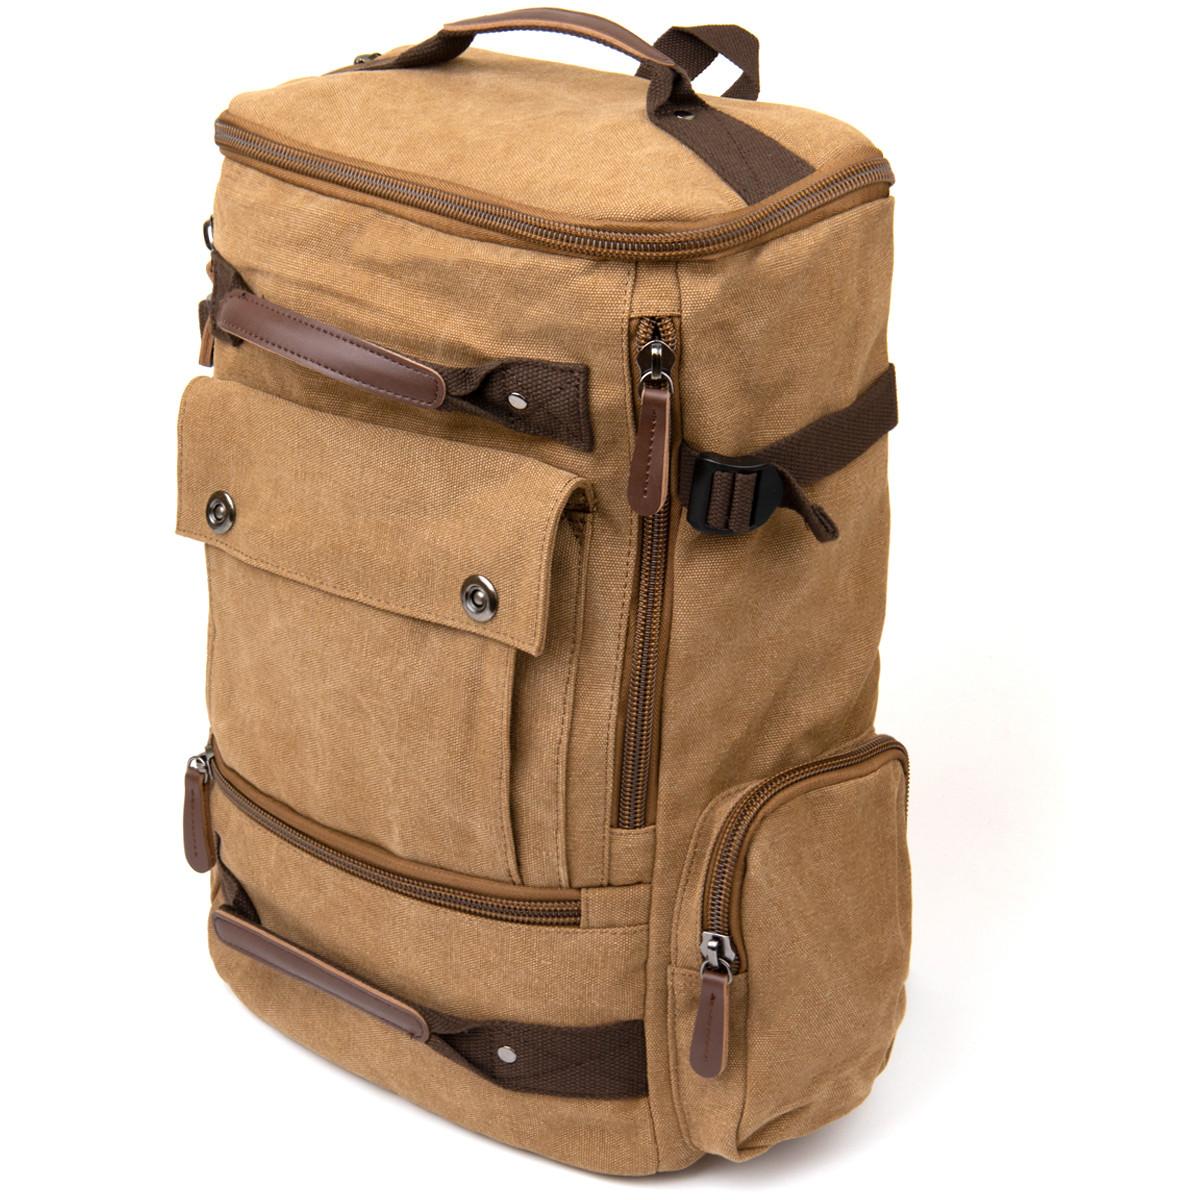 Рюкзак текстильний дорожній унісекс з ручками Vintage 20664 Пісочний